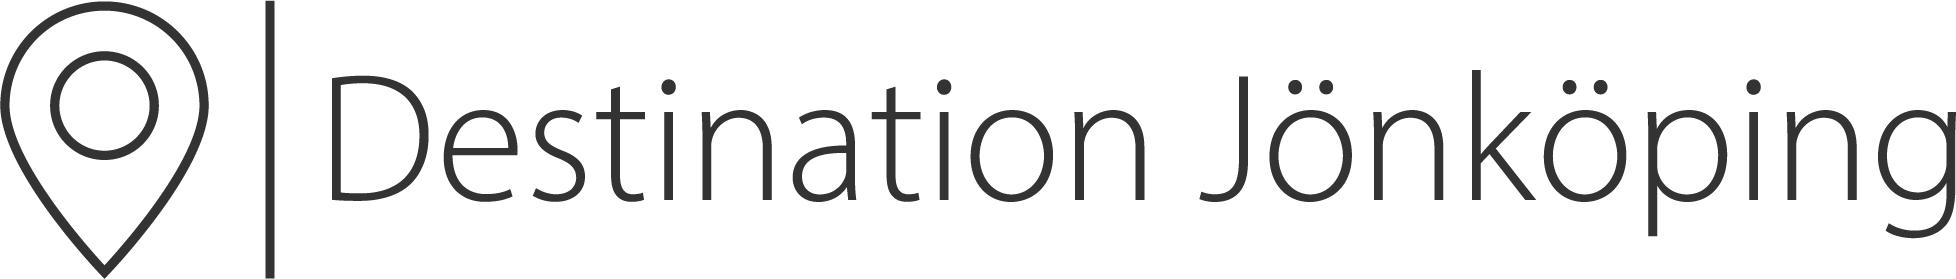 logotyp Destination Jönköping